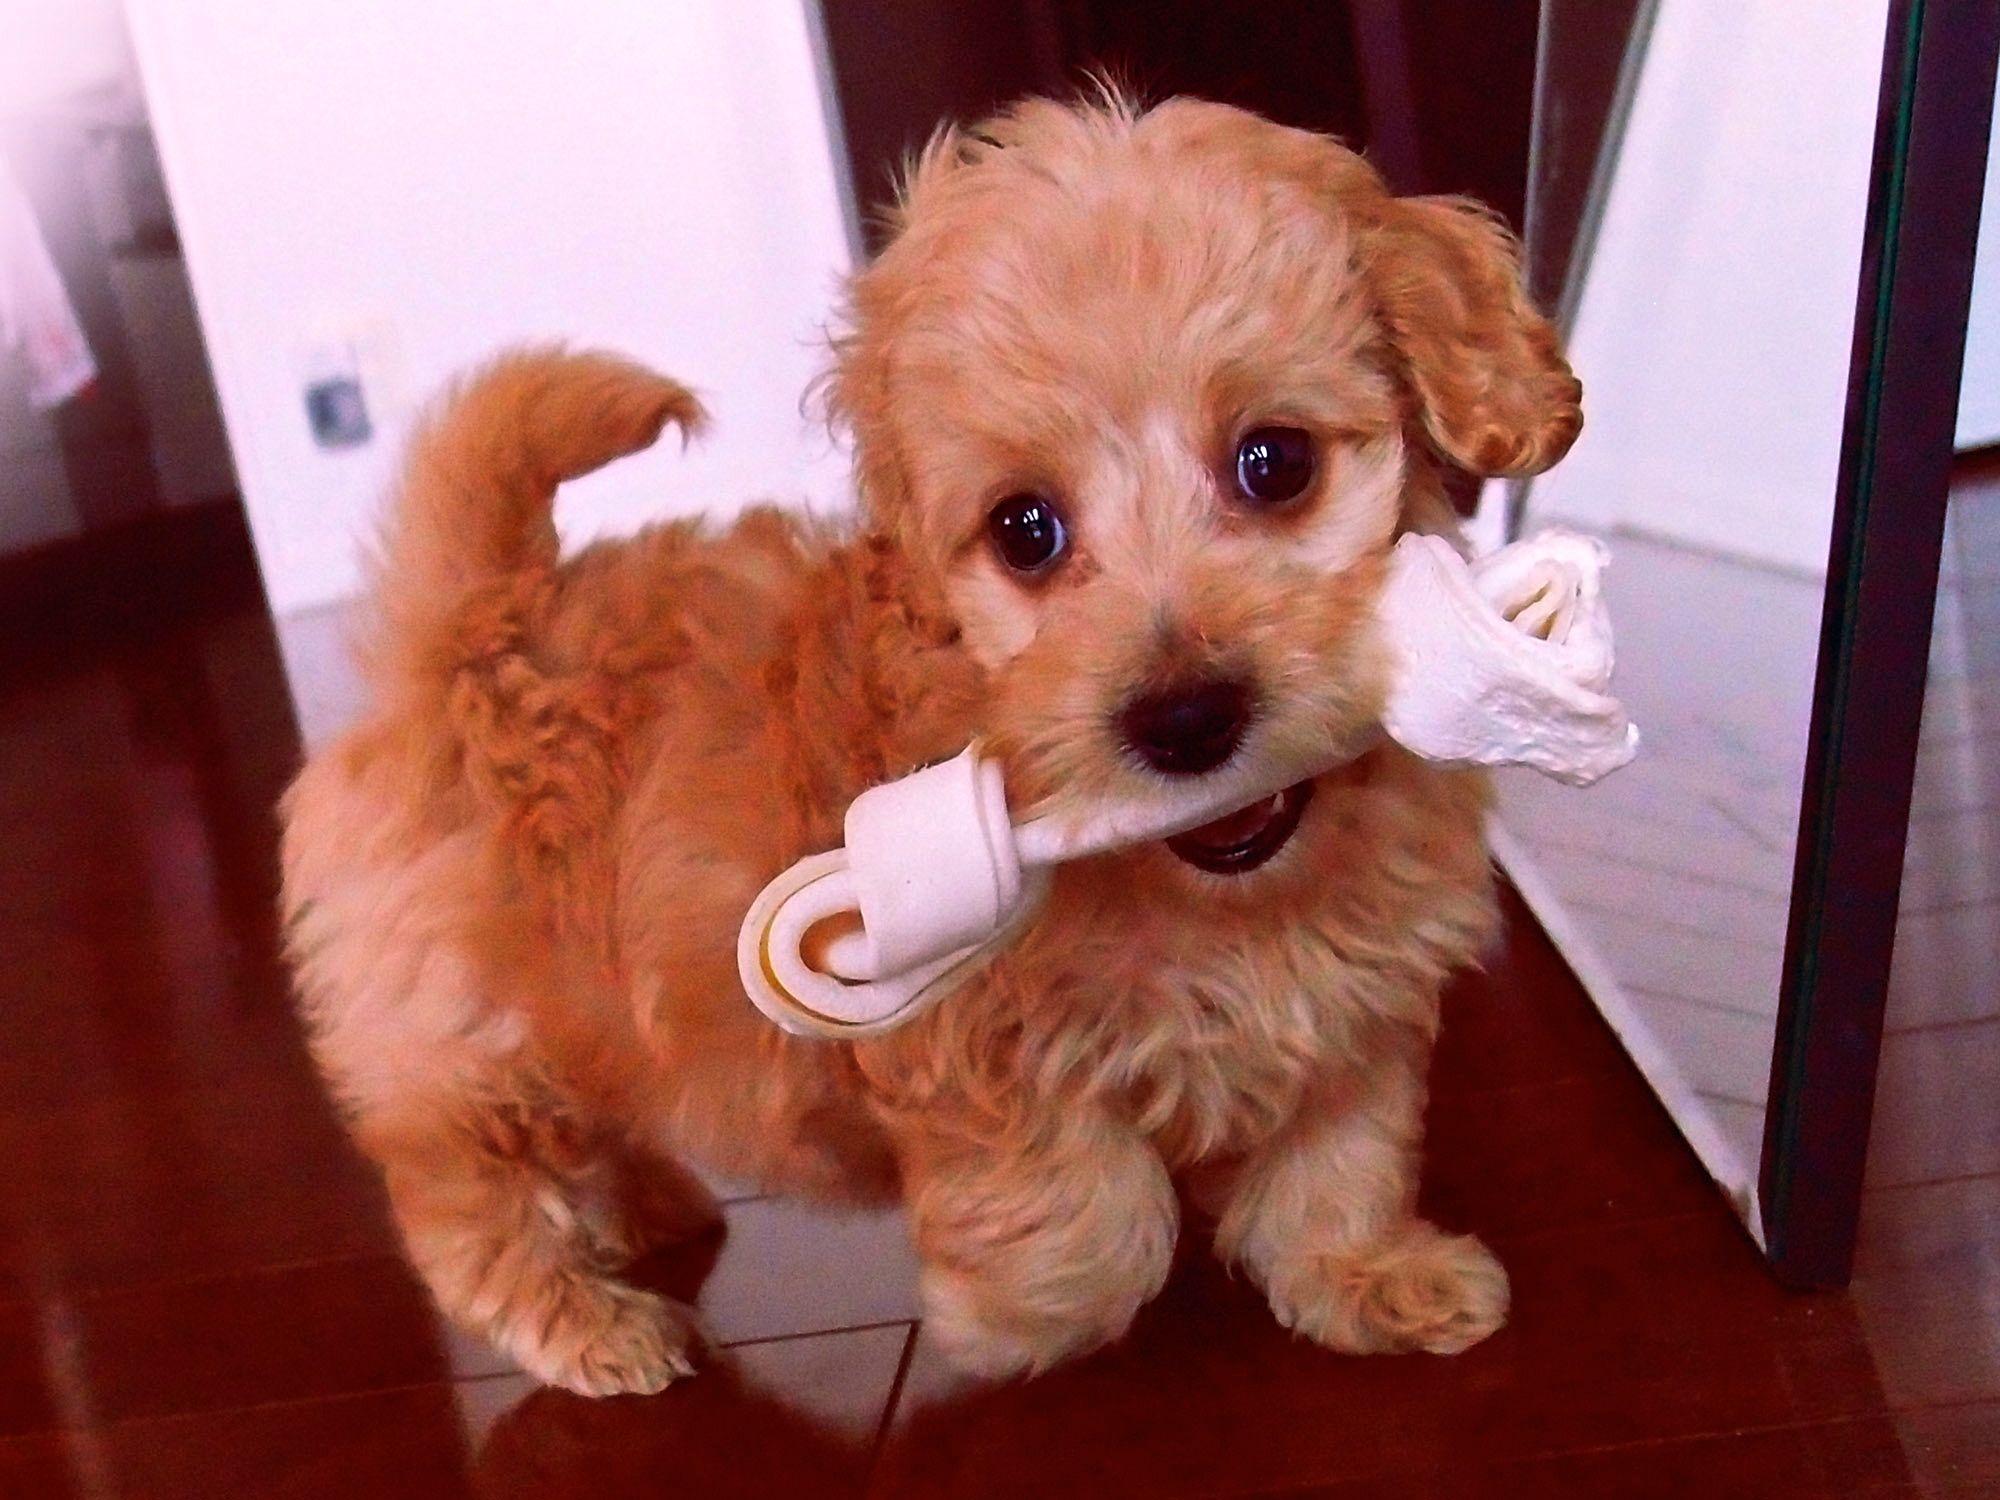 Pin By Cheyenne Bufford On Cuteness Dachshund Mix Dachshund Cross Dauchshund Puppy